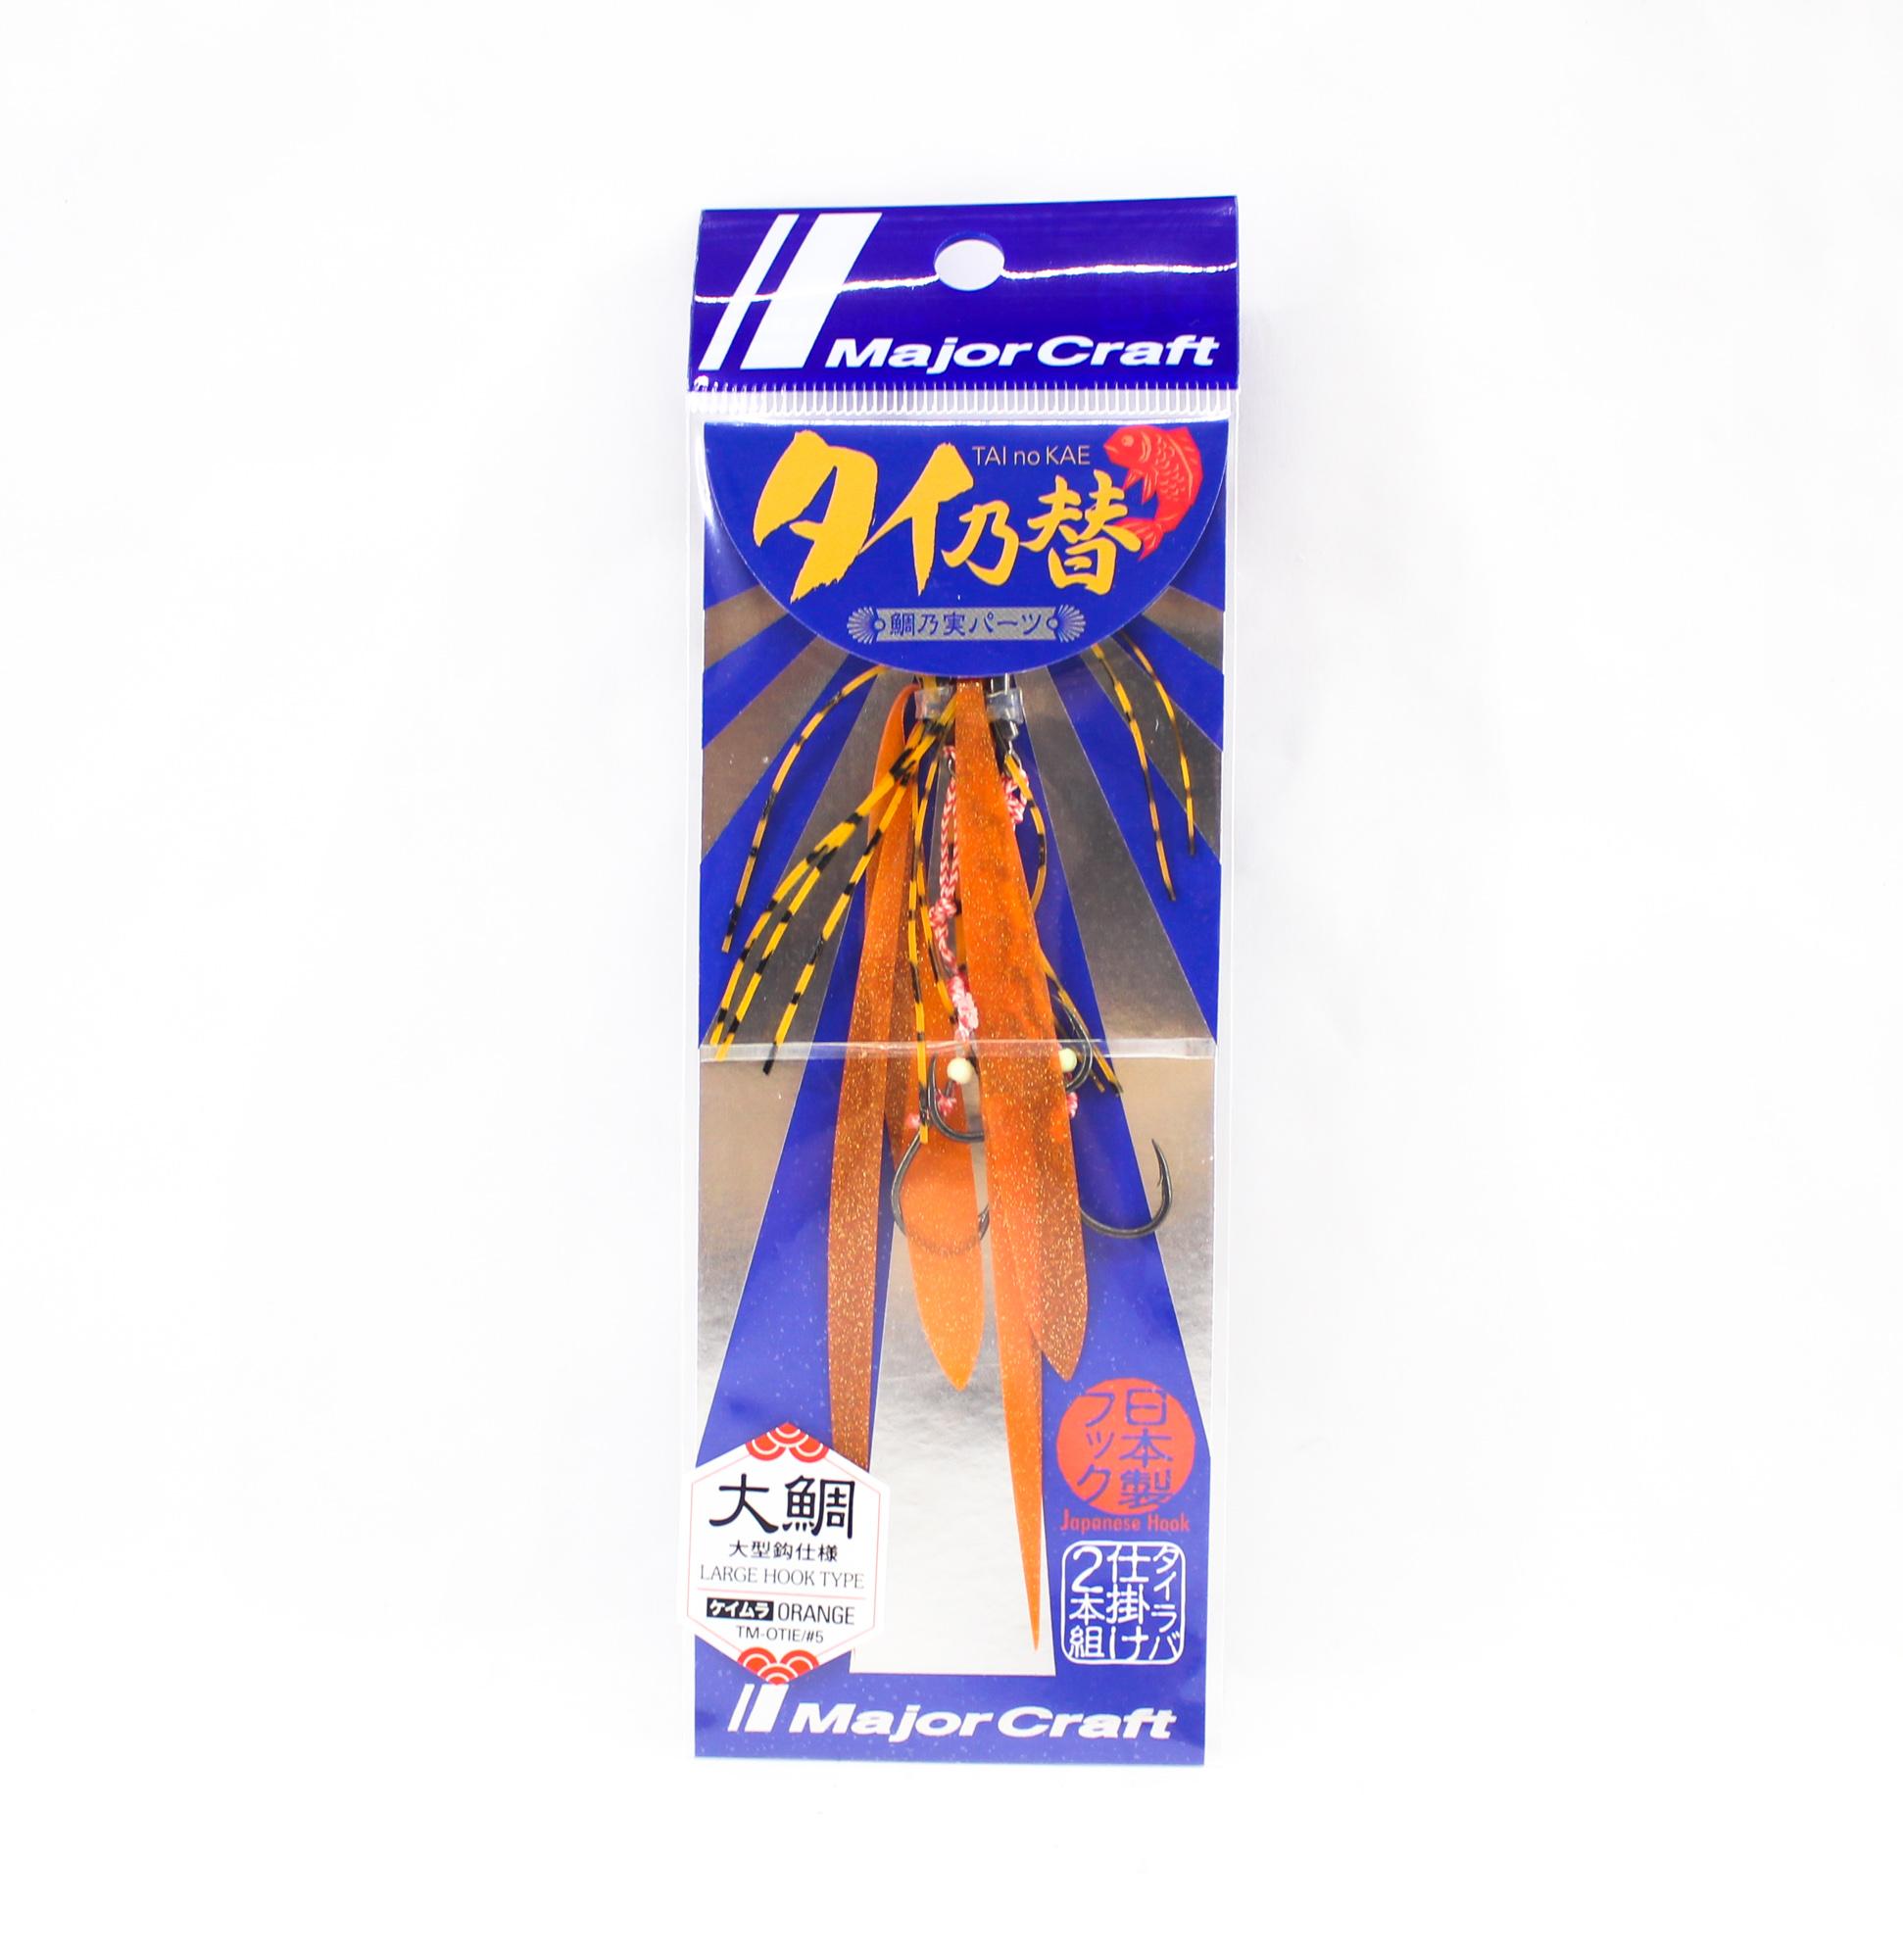 Major Craft Tai Rubber Parts TM-OTIE 005 (3138)